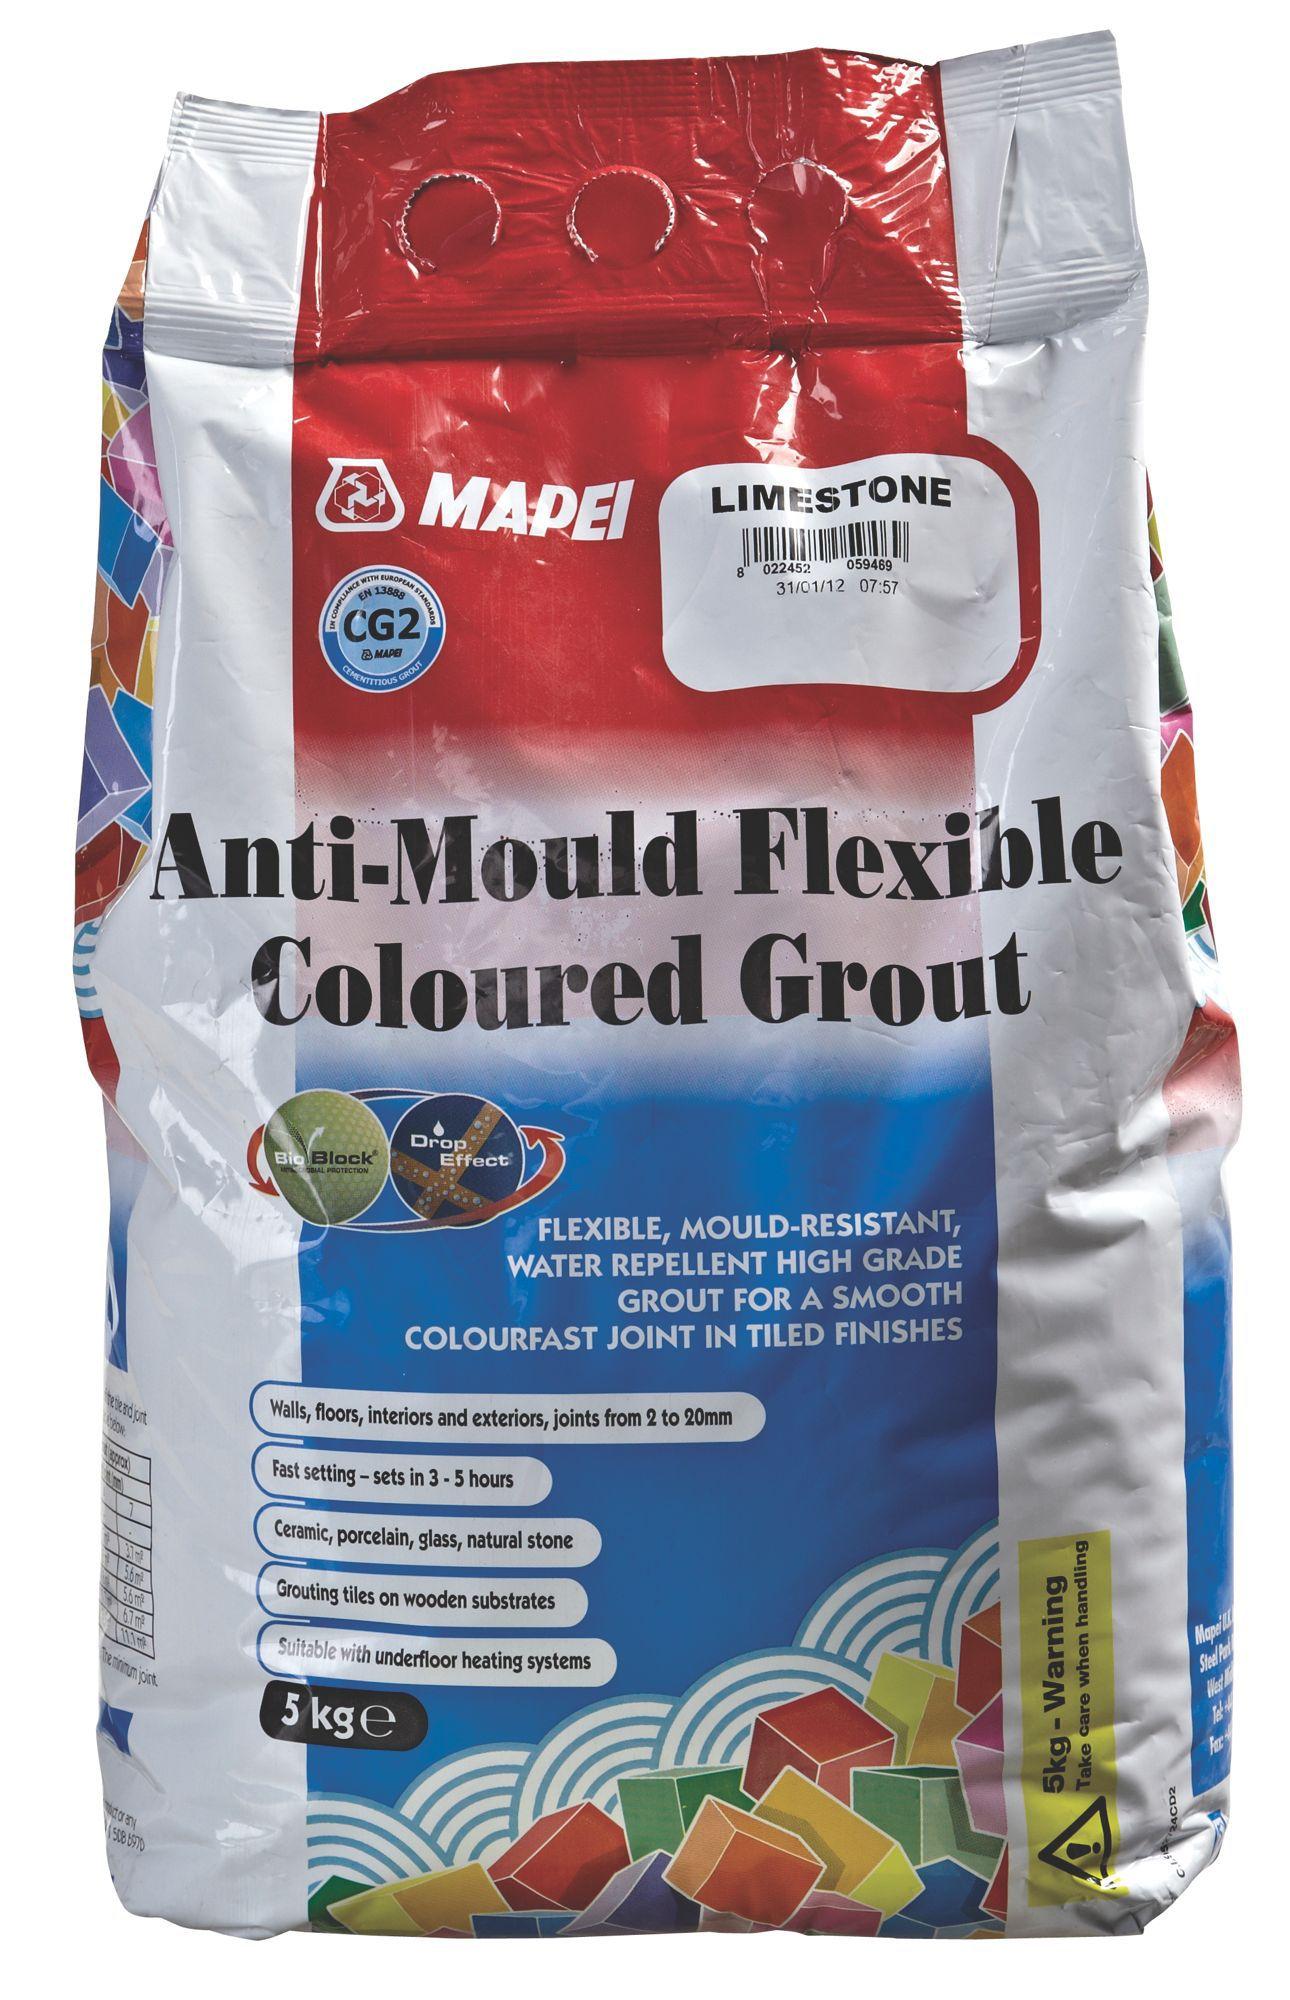 Mapei limestone anti mould flexible grout w5kg departments mapei limestone anti mould flexible grout w5kg departments diy at bq dailygadgetfo Choice Image